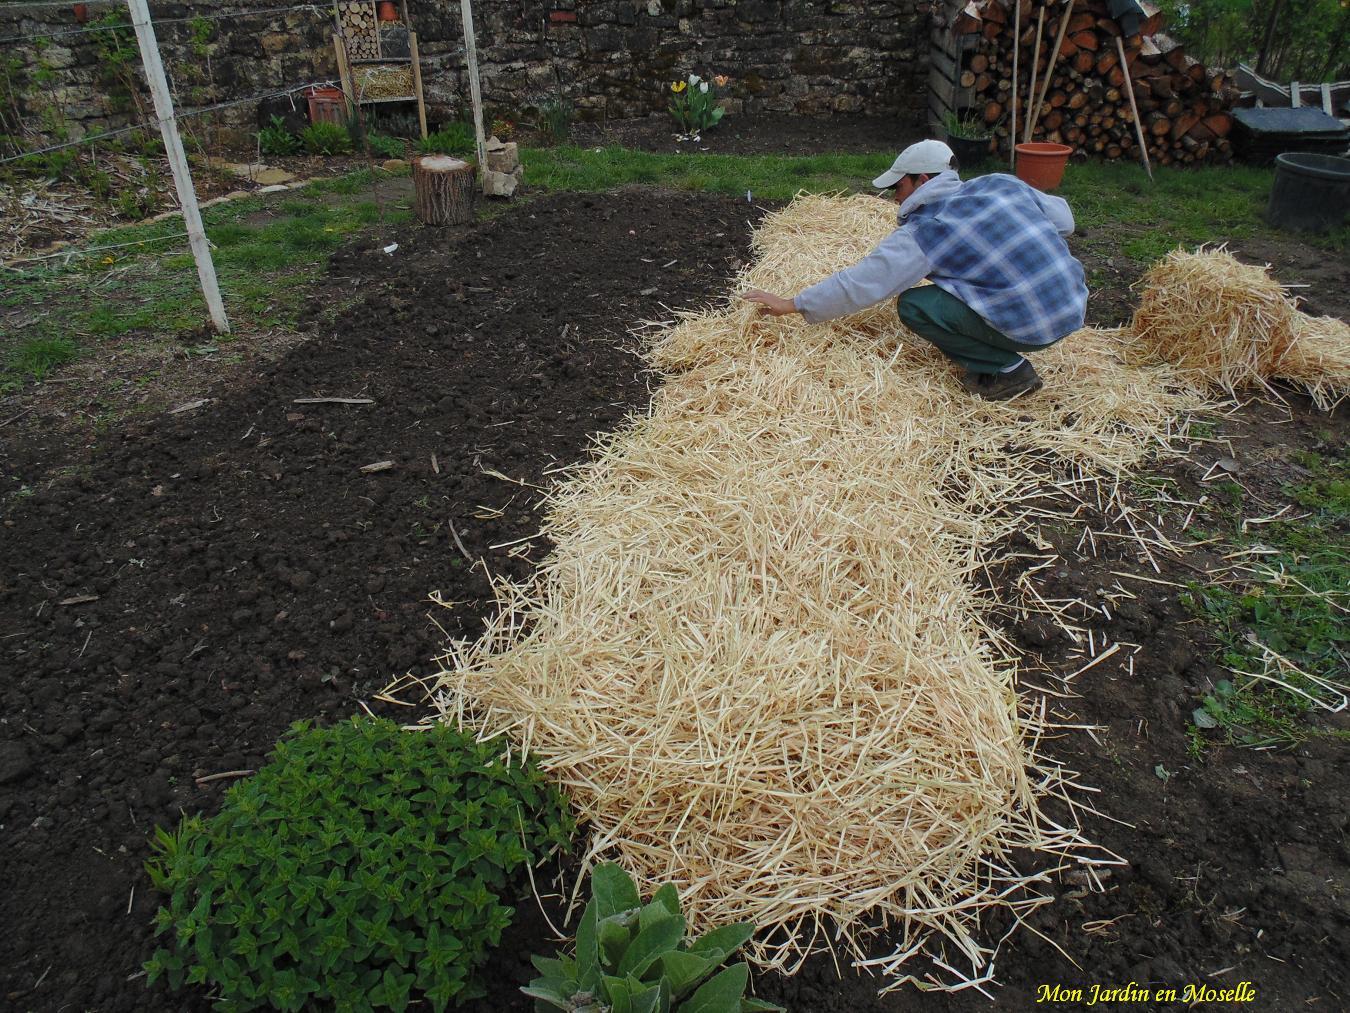 Mon jardin en moselle exp rimentations paille - Pomme de terre sous paille ...